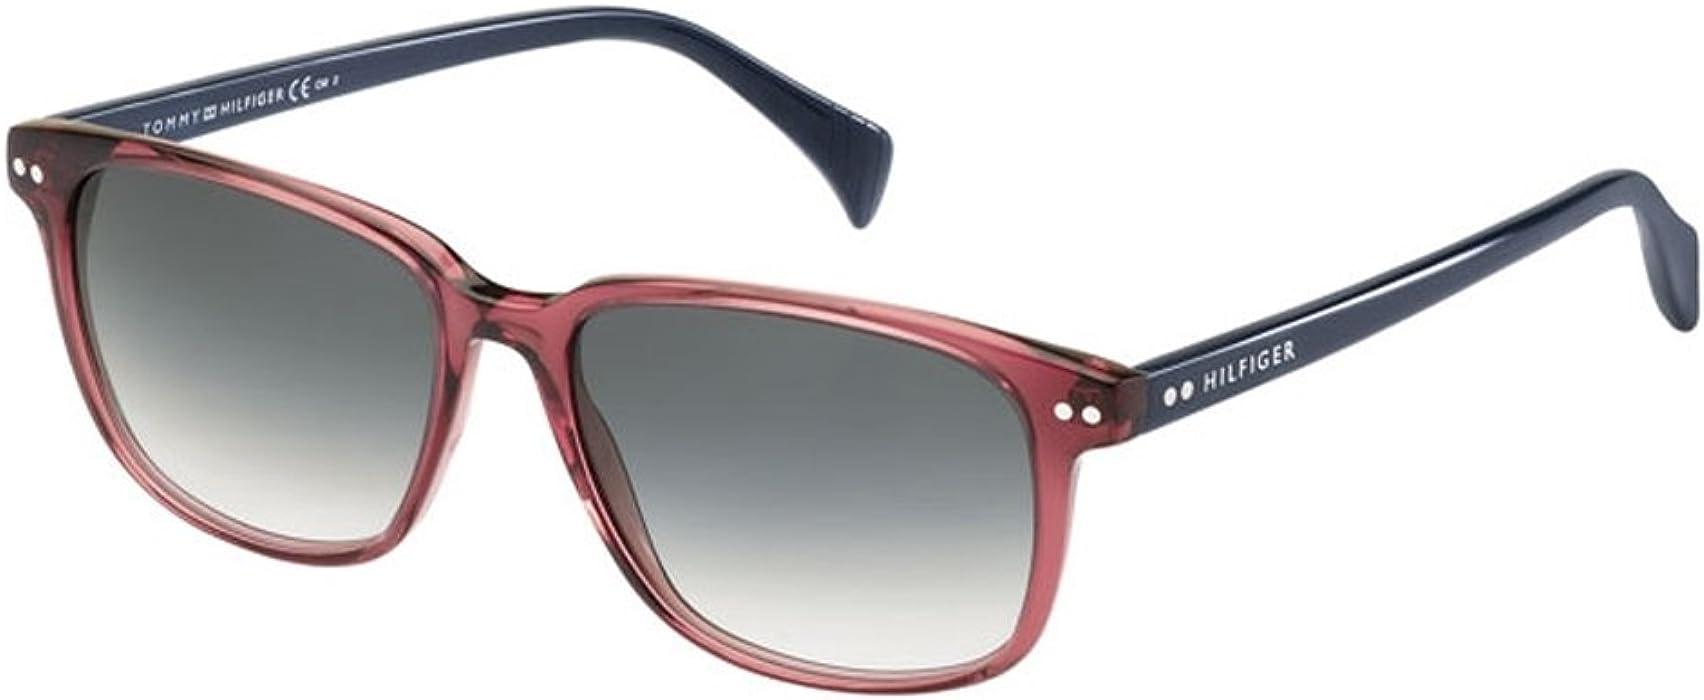 5626a6bea Tommy Hilfiger 2146047NG55JJ Two Tone TH 1197-S 7NG JJ Sunglasses ...